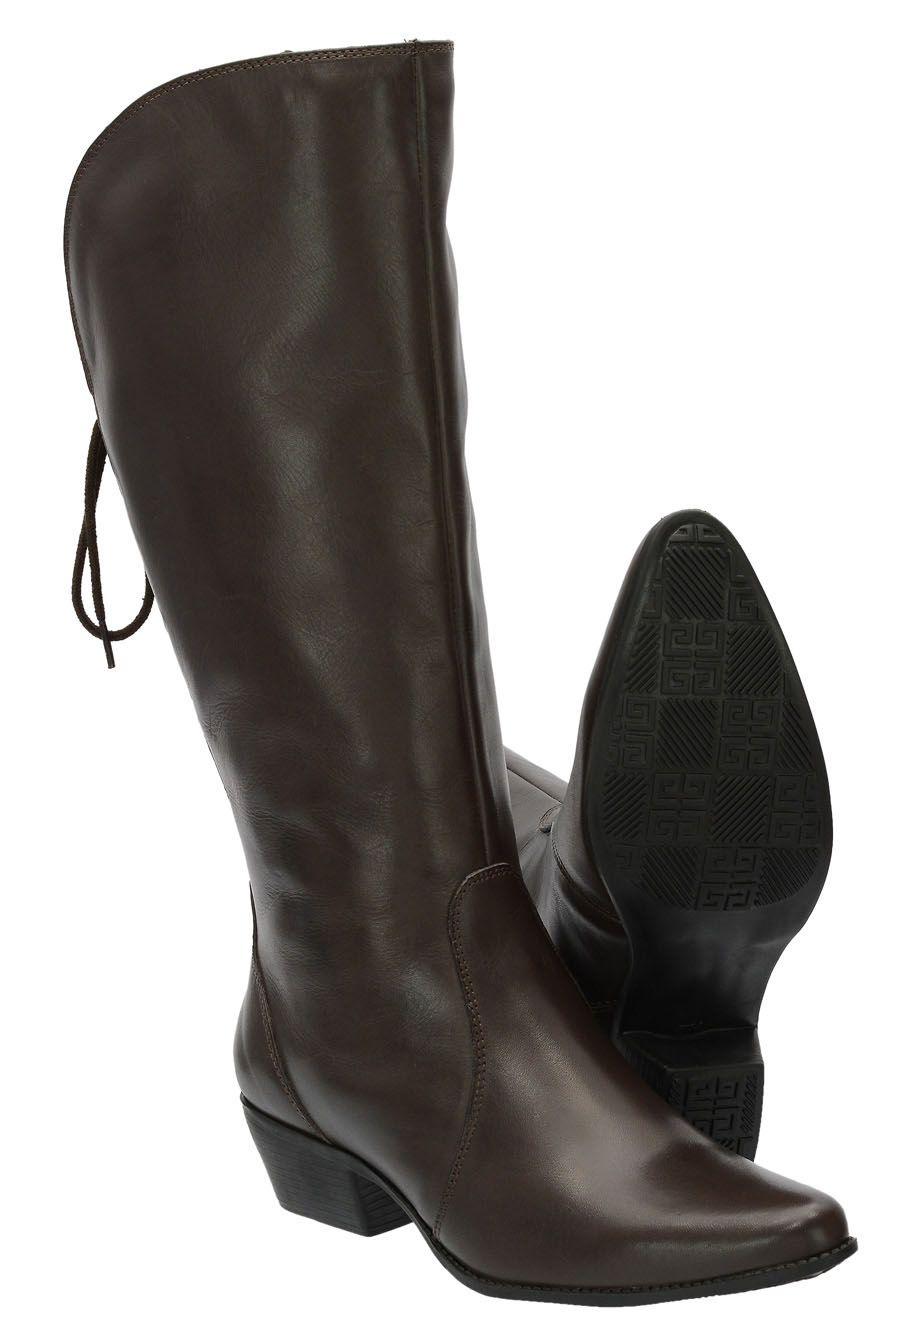 Bota Texana estilo montaria classic feminina de cano alto 2722